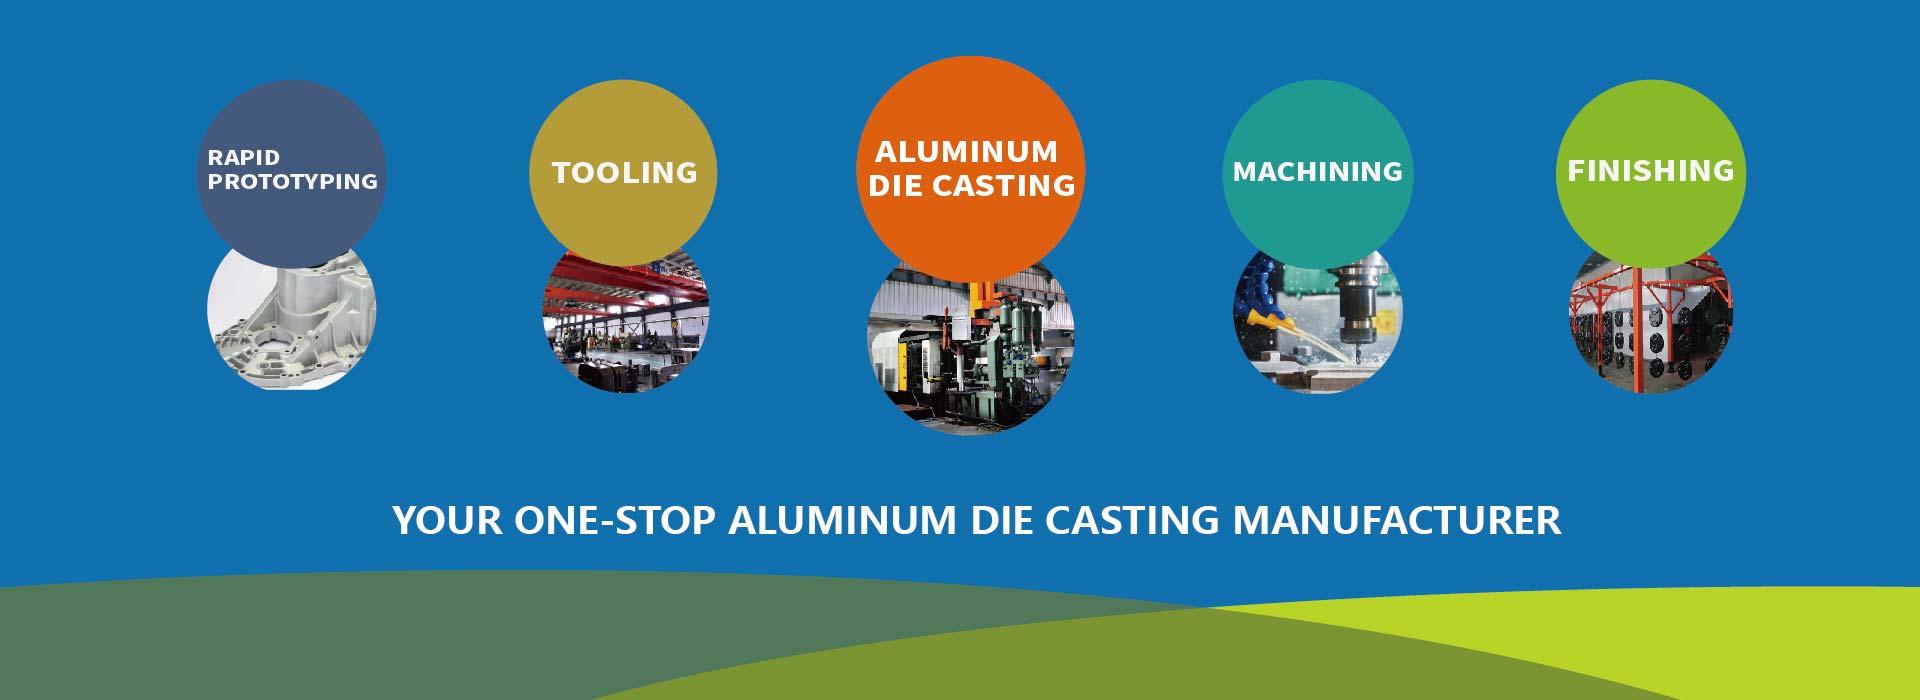 Aluminum die casting process banner-